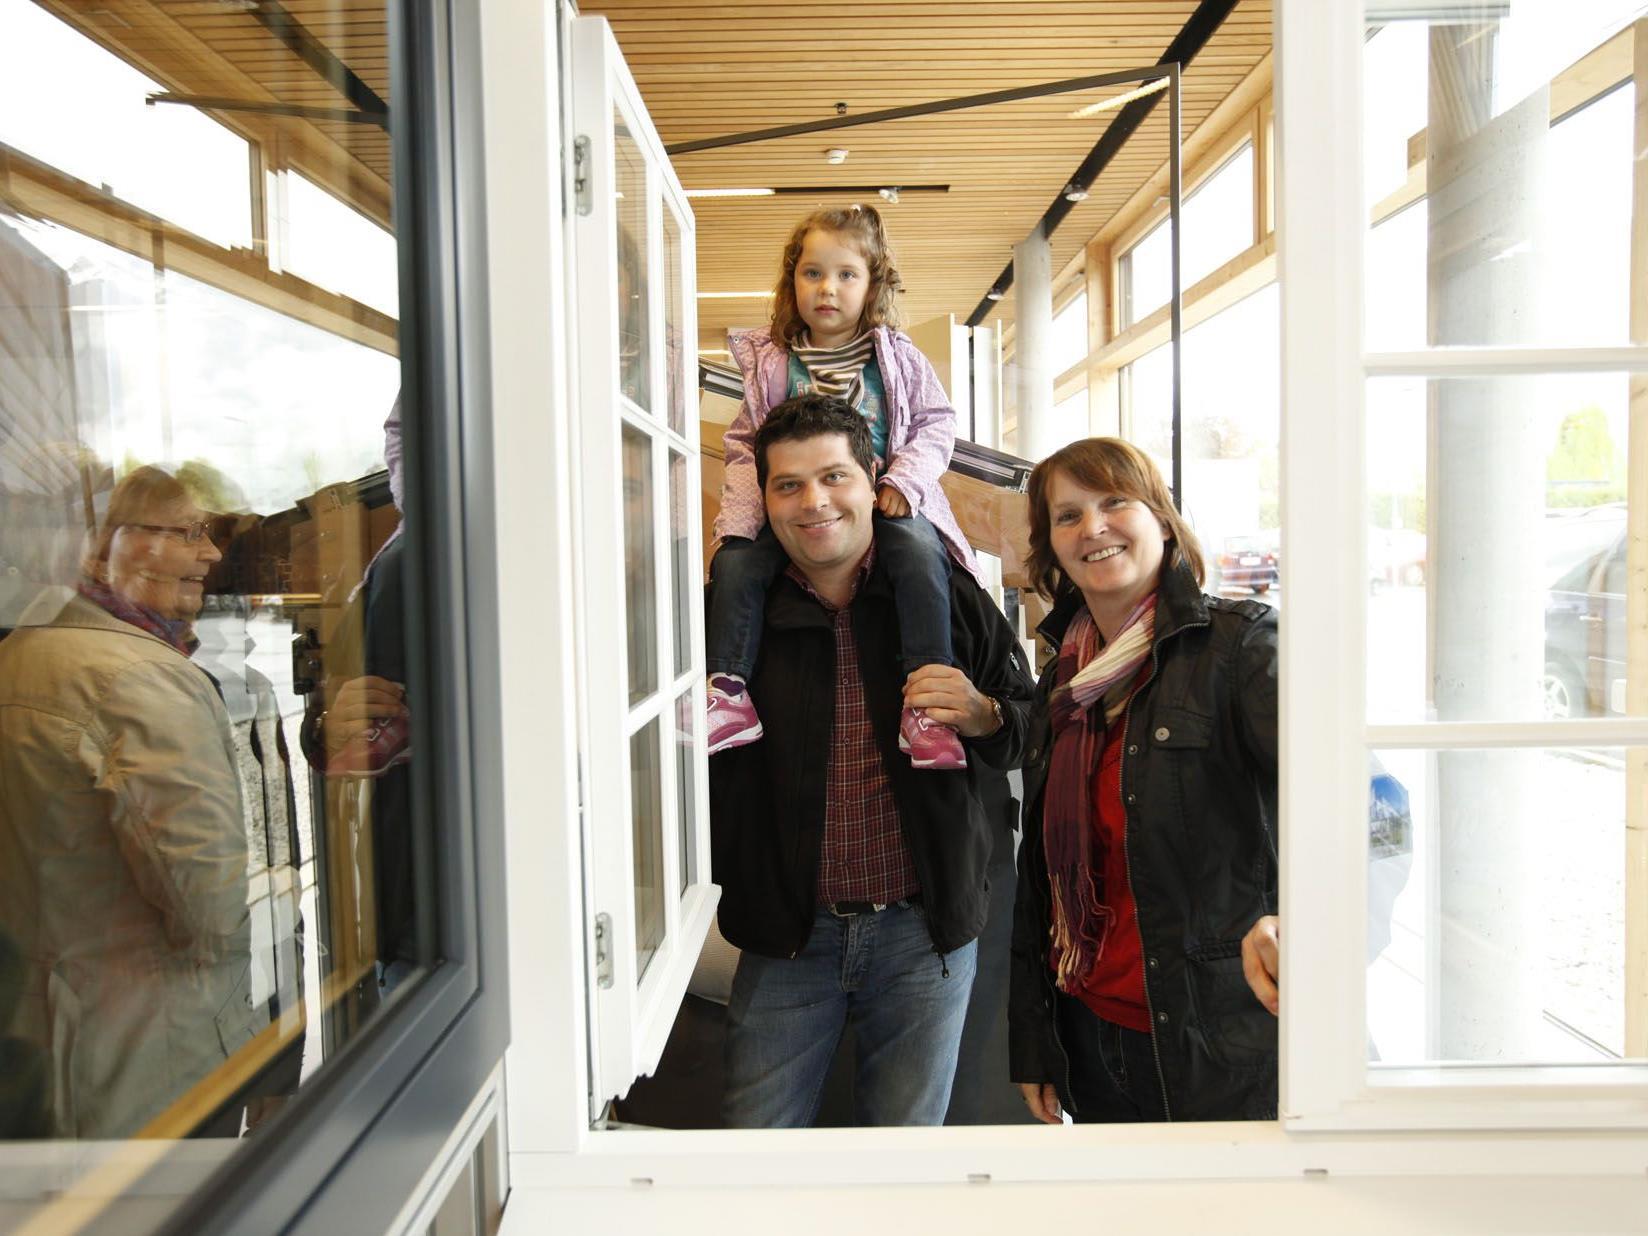 1.500 Besucher besichtigten am Tag der offenen Tür den neuen Standort der Tischlerei Feuerstein.